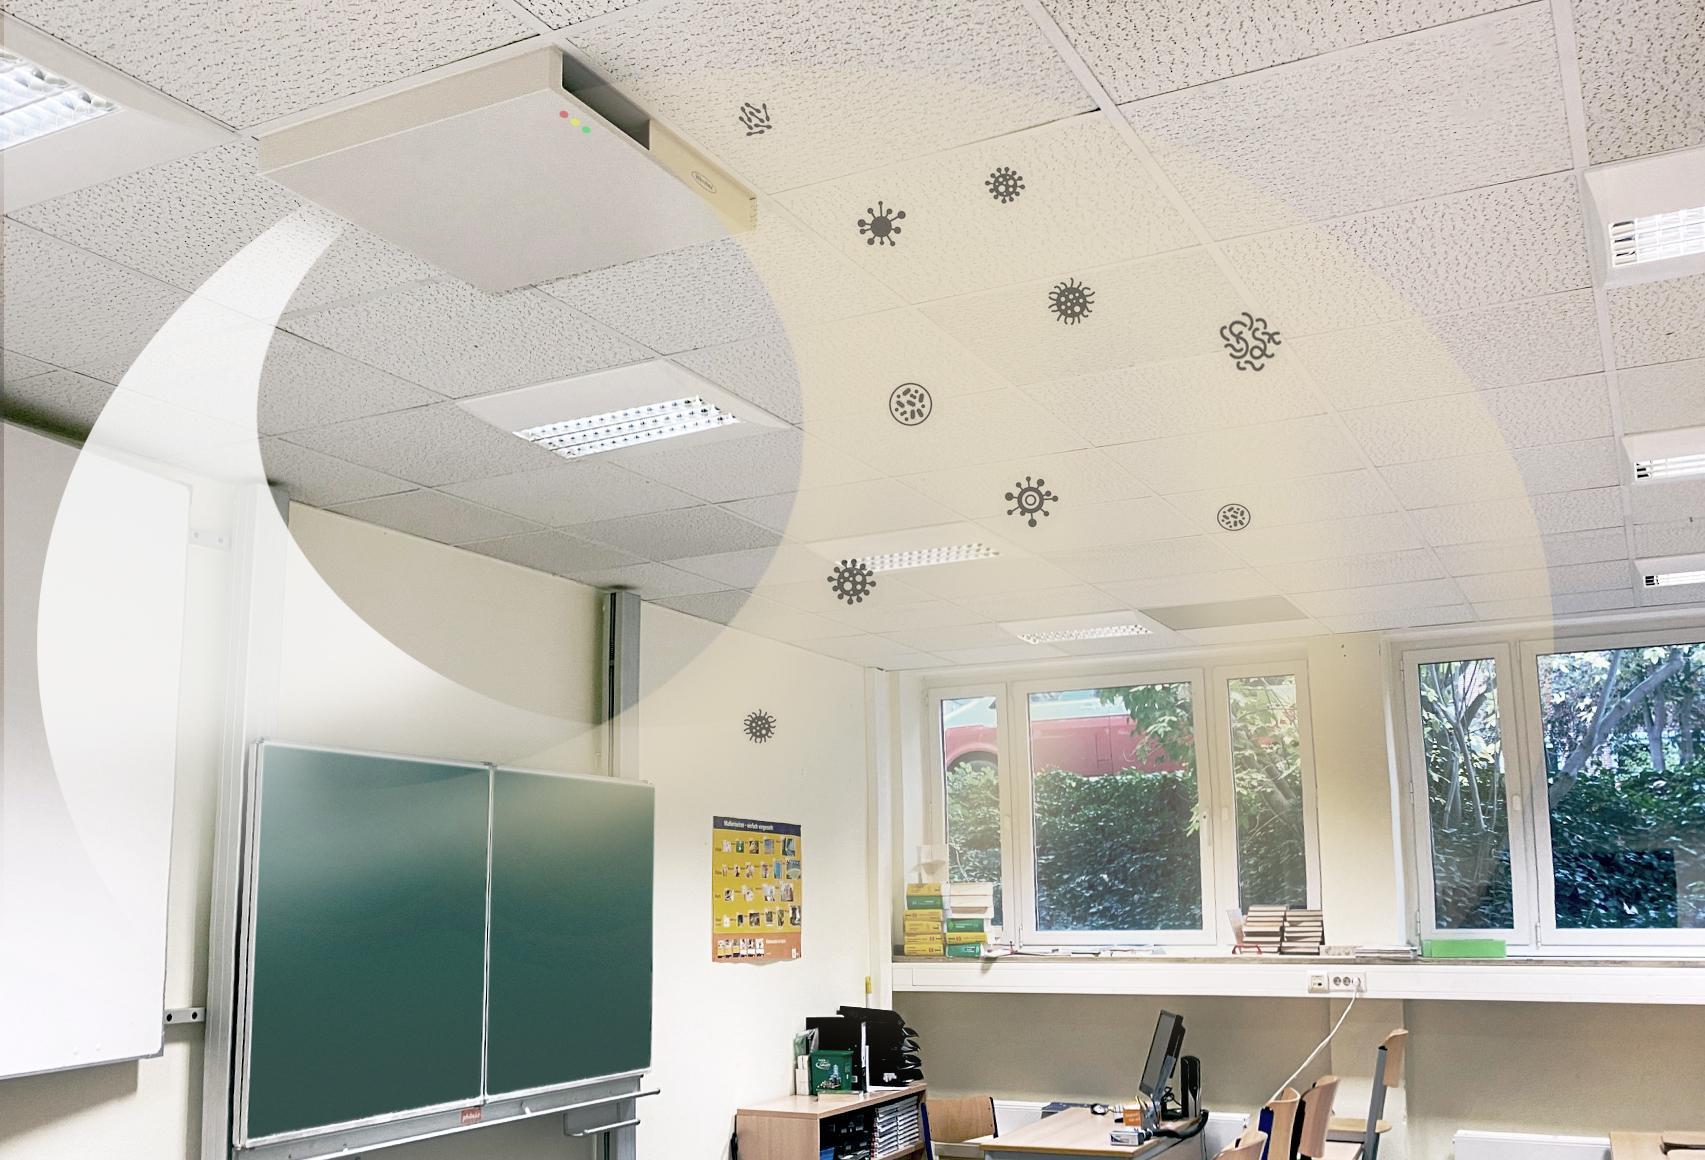 Ideaal voor scholen: de Mikrobex Cloud wordt eenvoudig in het roosterplafond van het klaslokaal geplaatst waar hij de lucht geruisloos ontsmet met UV-C-licht